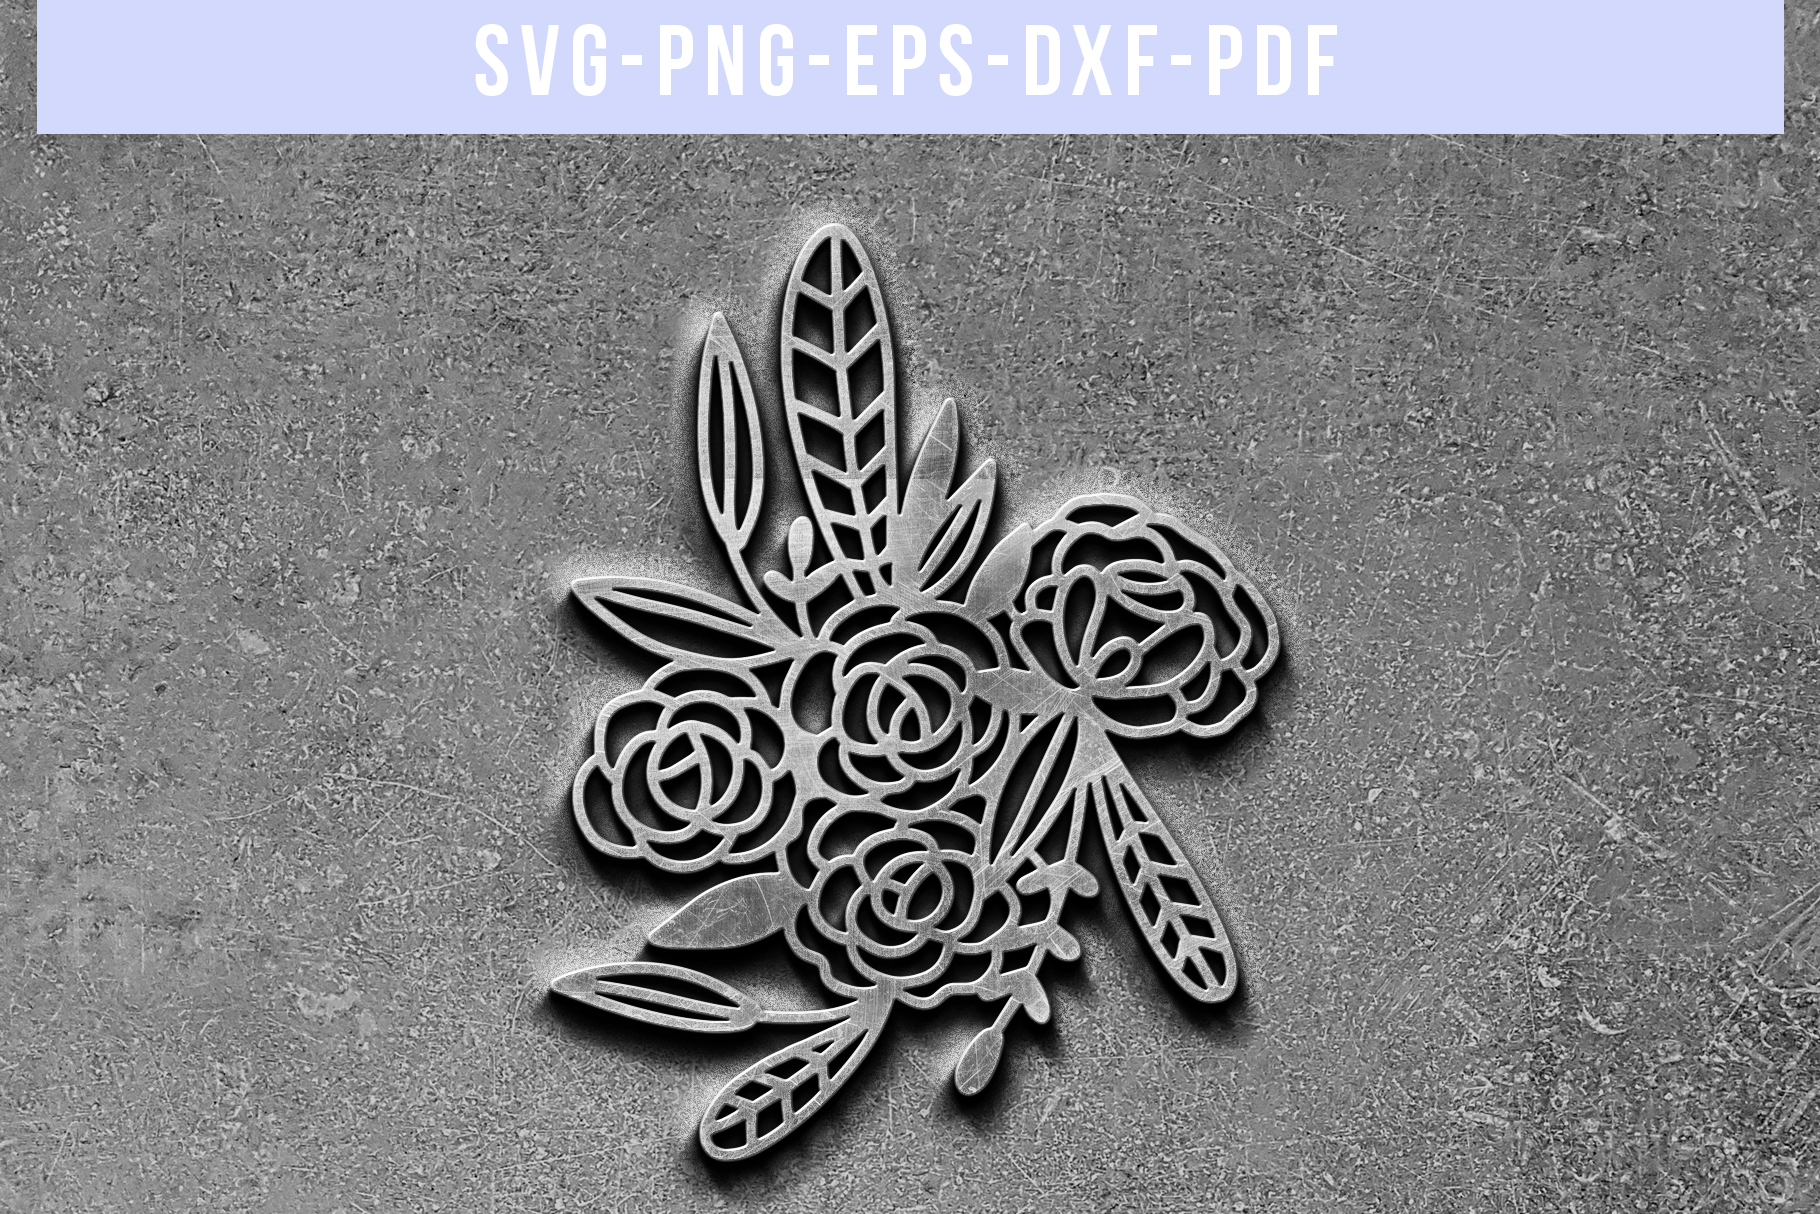 Floral Rose Papercut Template, Flower Arrangement SVG, PDF example image 5